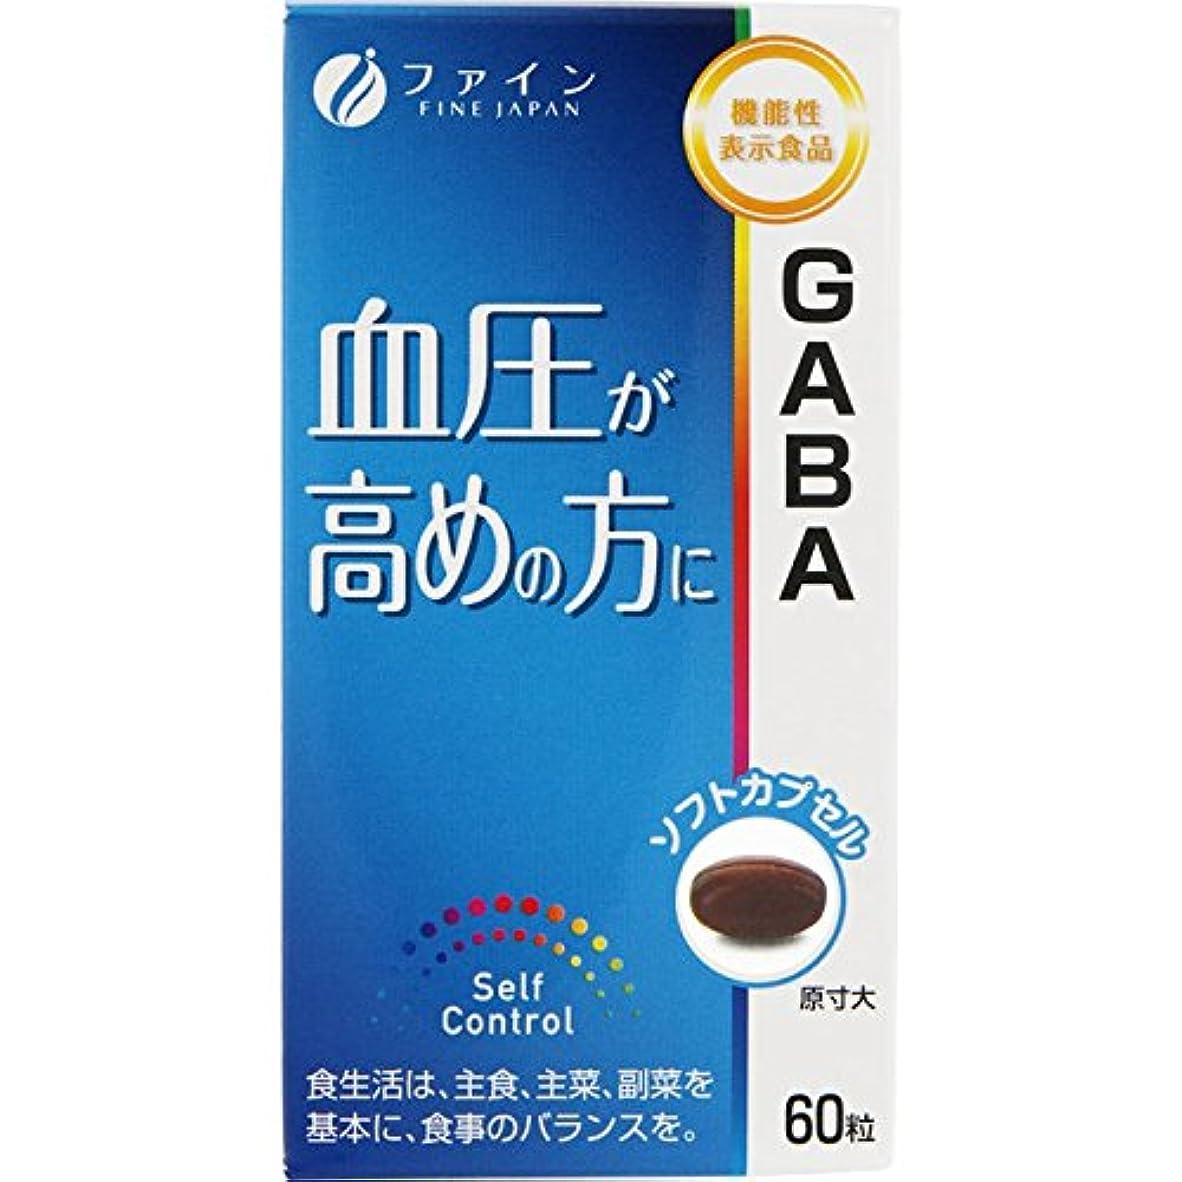 雷雨多様体スリルファイン 機能性表示食品 GABA 27g(450mg×60粒)